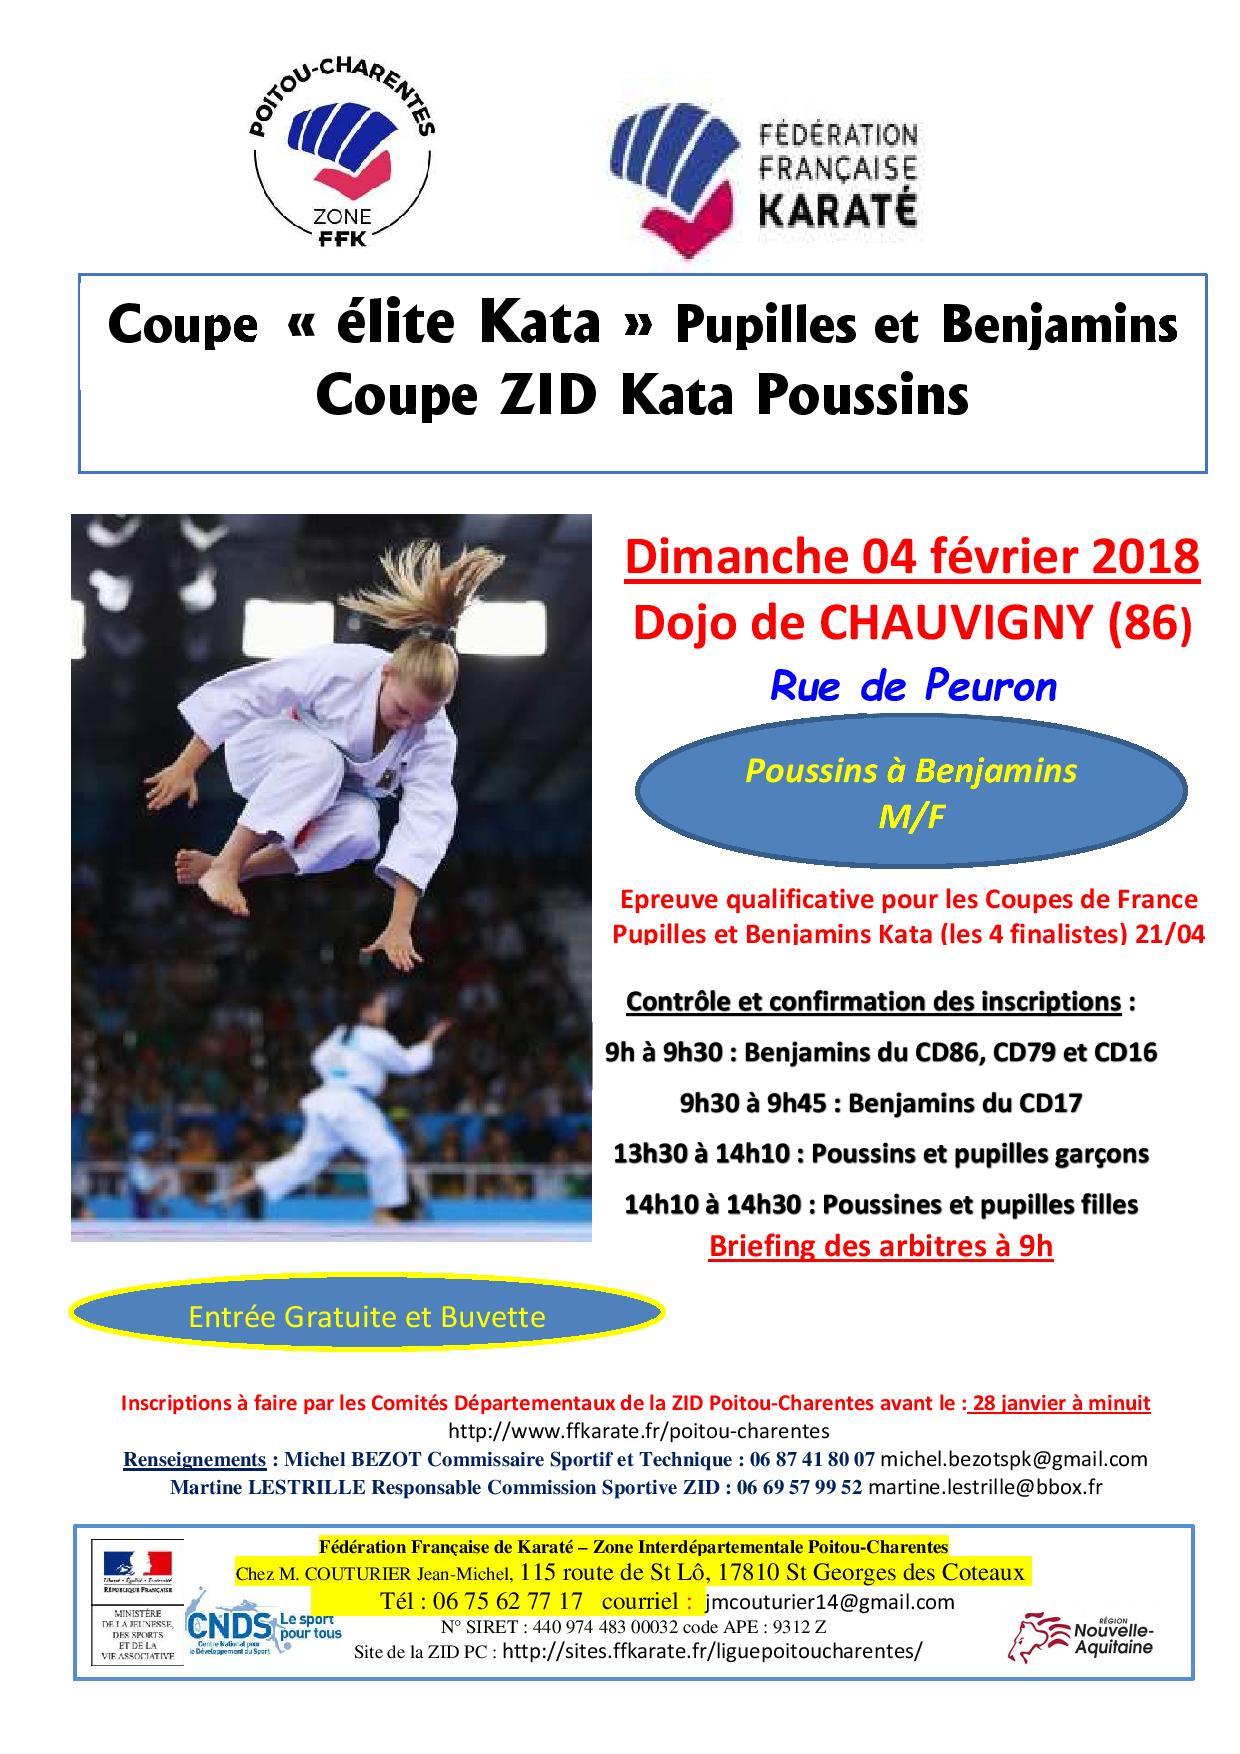 Coupe zid elite kata pb et coupe kata poussins chauvigny 04 fevrier 2018 odt page 001